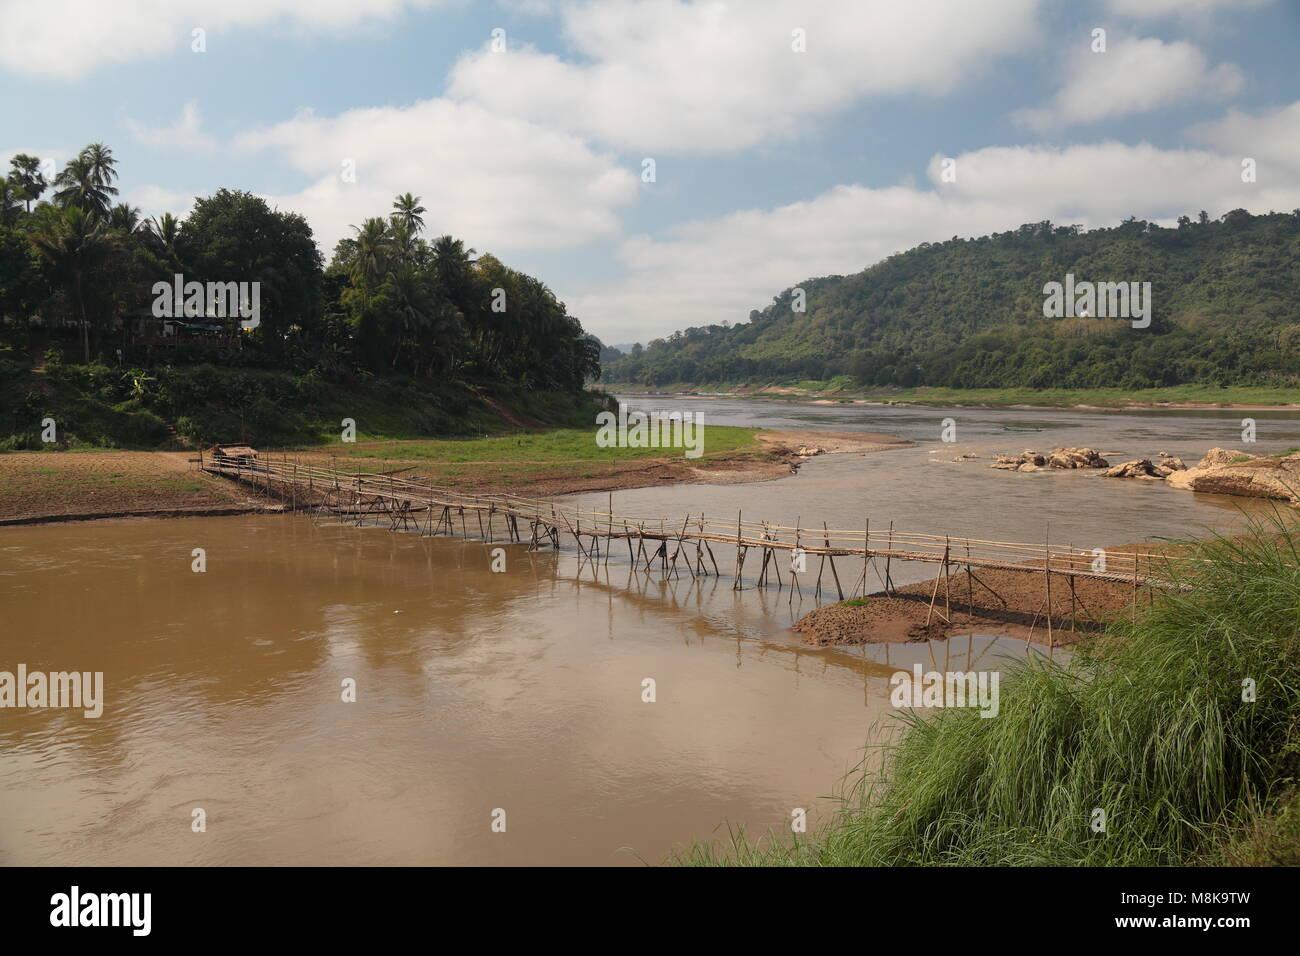 Bamboo bridge, Luang Prabang, Laos Stock Photo